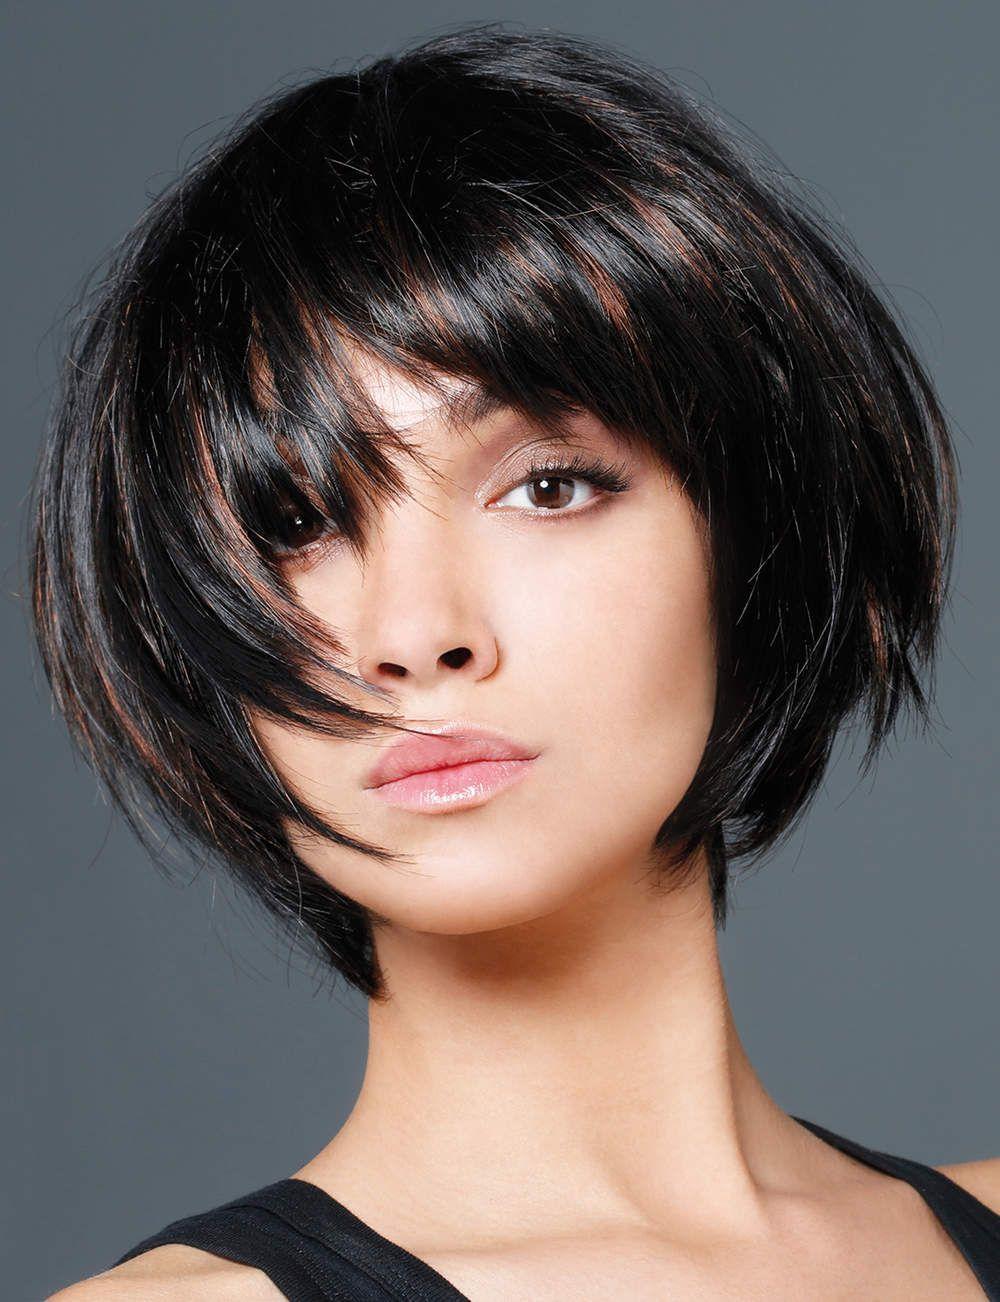 les tendances coupes de cheveux de l 39 automne hiver femme actuelle coupe de cheveux et les. Black Bedroom Furniture Sets. Home Design Ideas